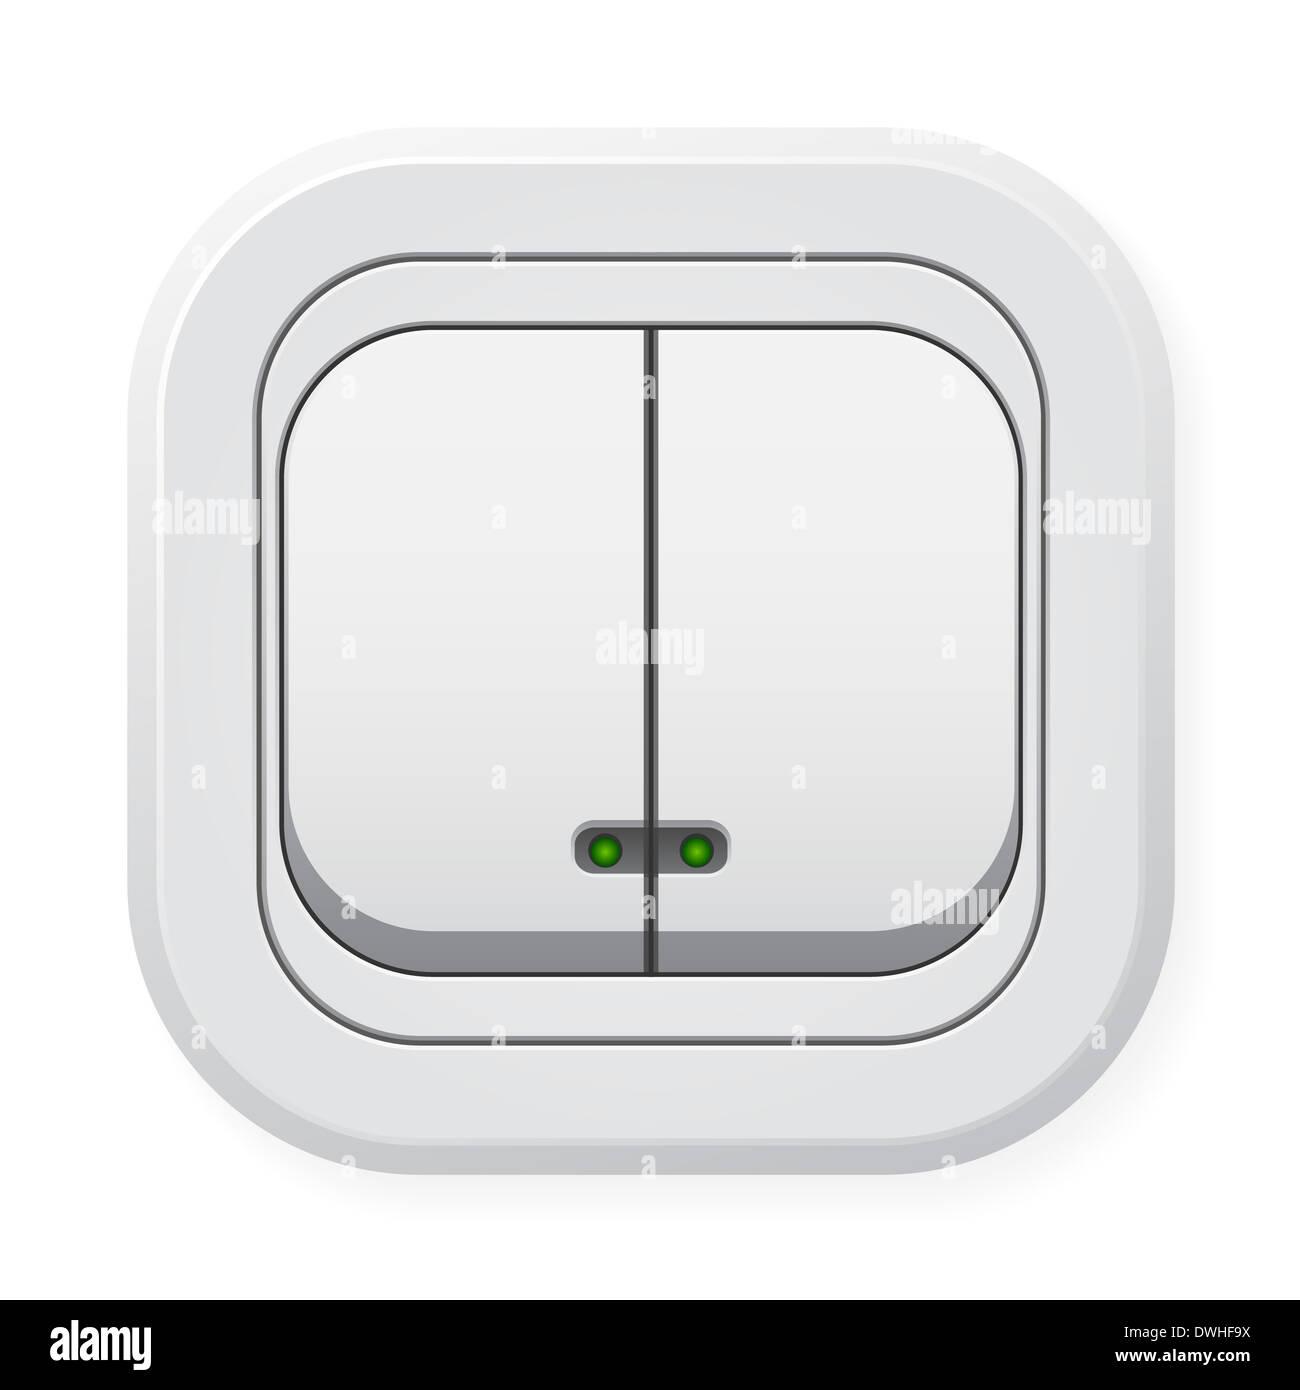 Wunderbar Low Profile Lichtschalter Ideen - Der Schaltplan - greigo.com